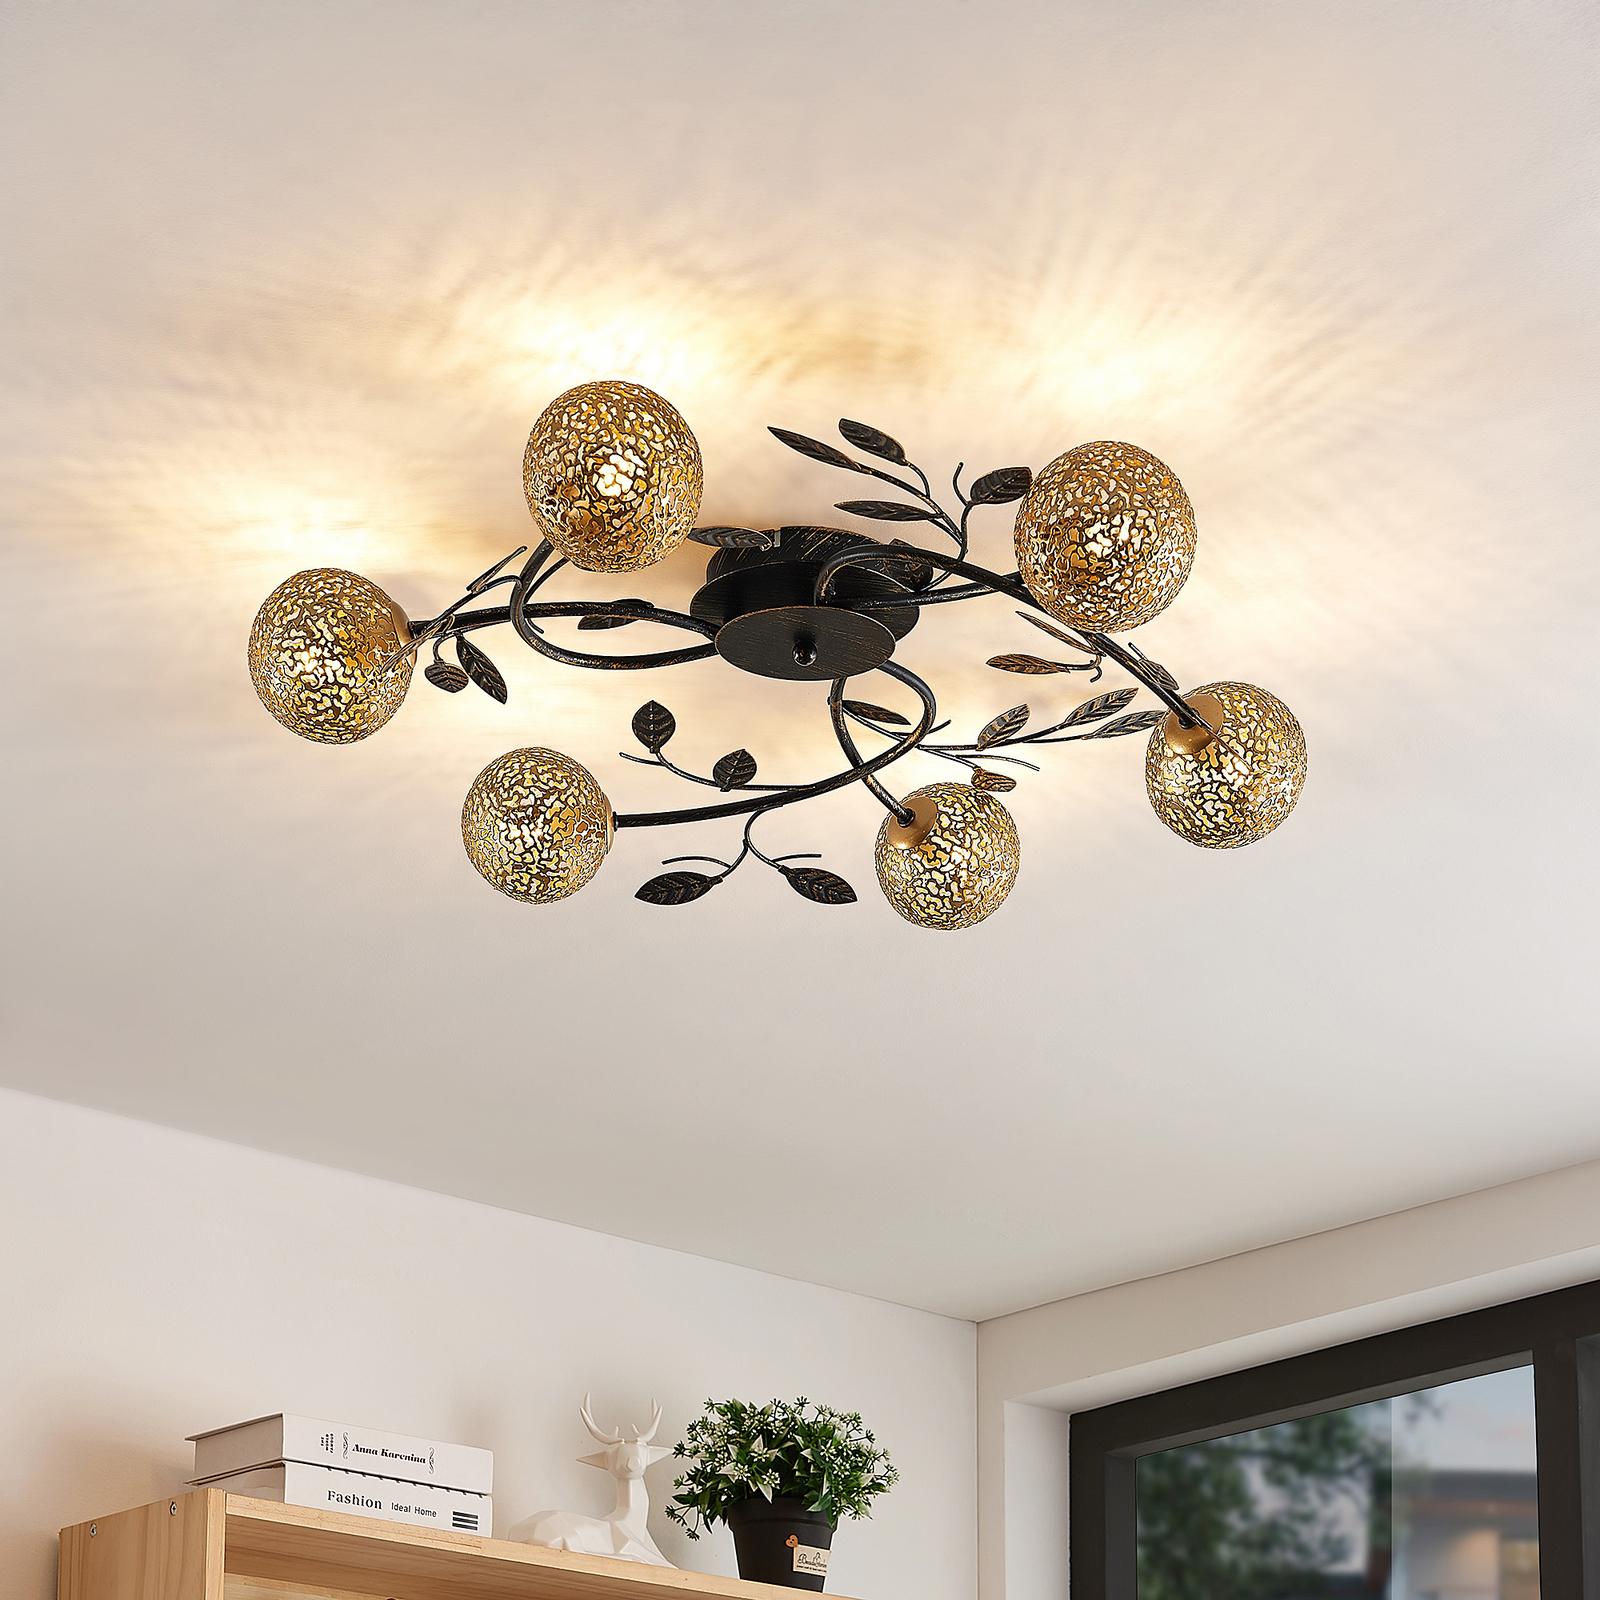 Lucande Evory taklampa rund 6 lampor